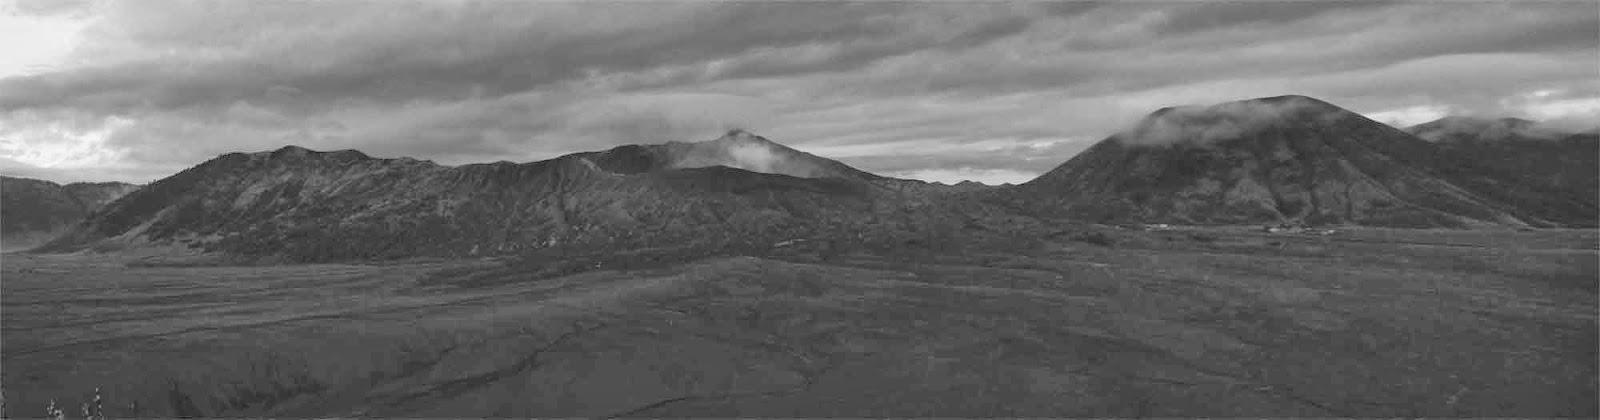 foto di gunung bromo